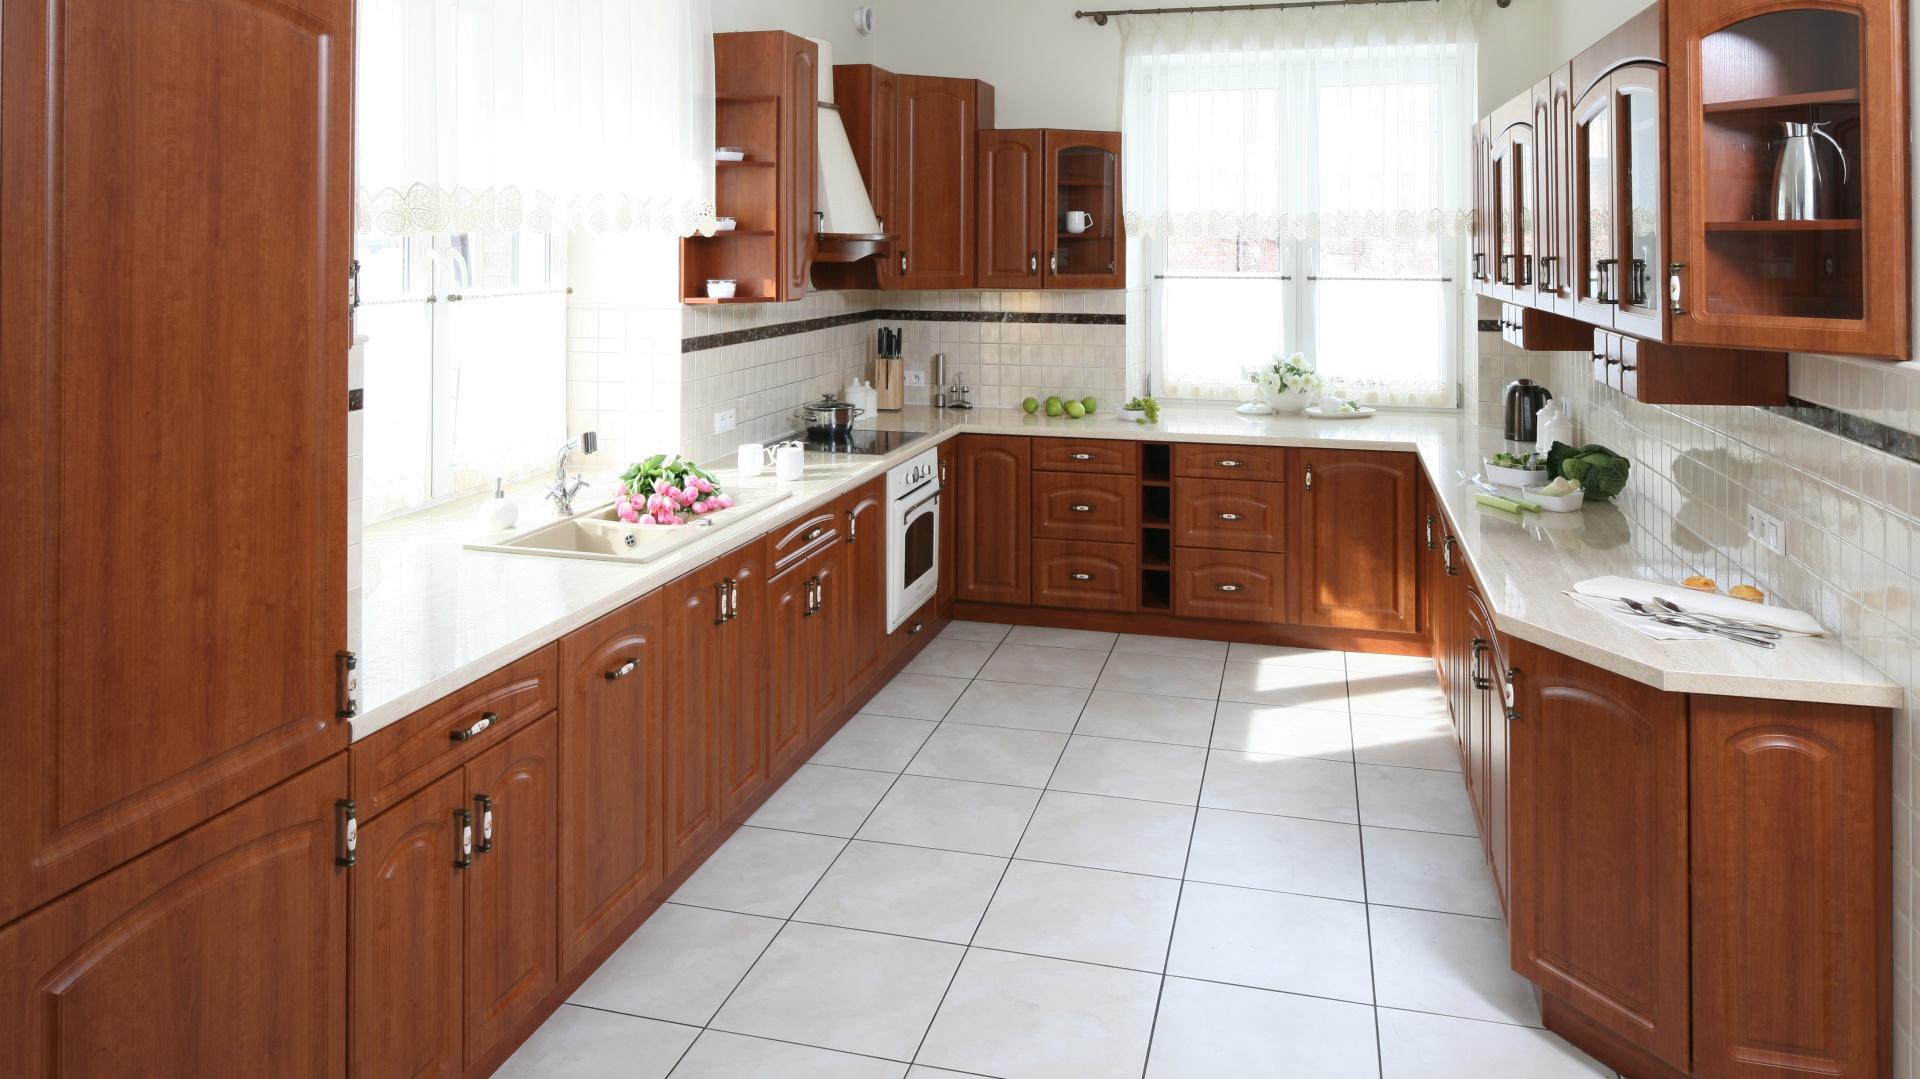 Kuchnie Klasyczne Najpiekniejsze Wnetrza Z Polskich Domow